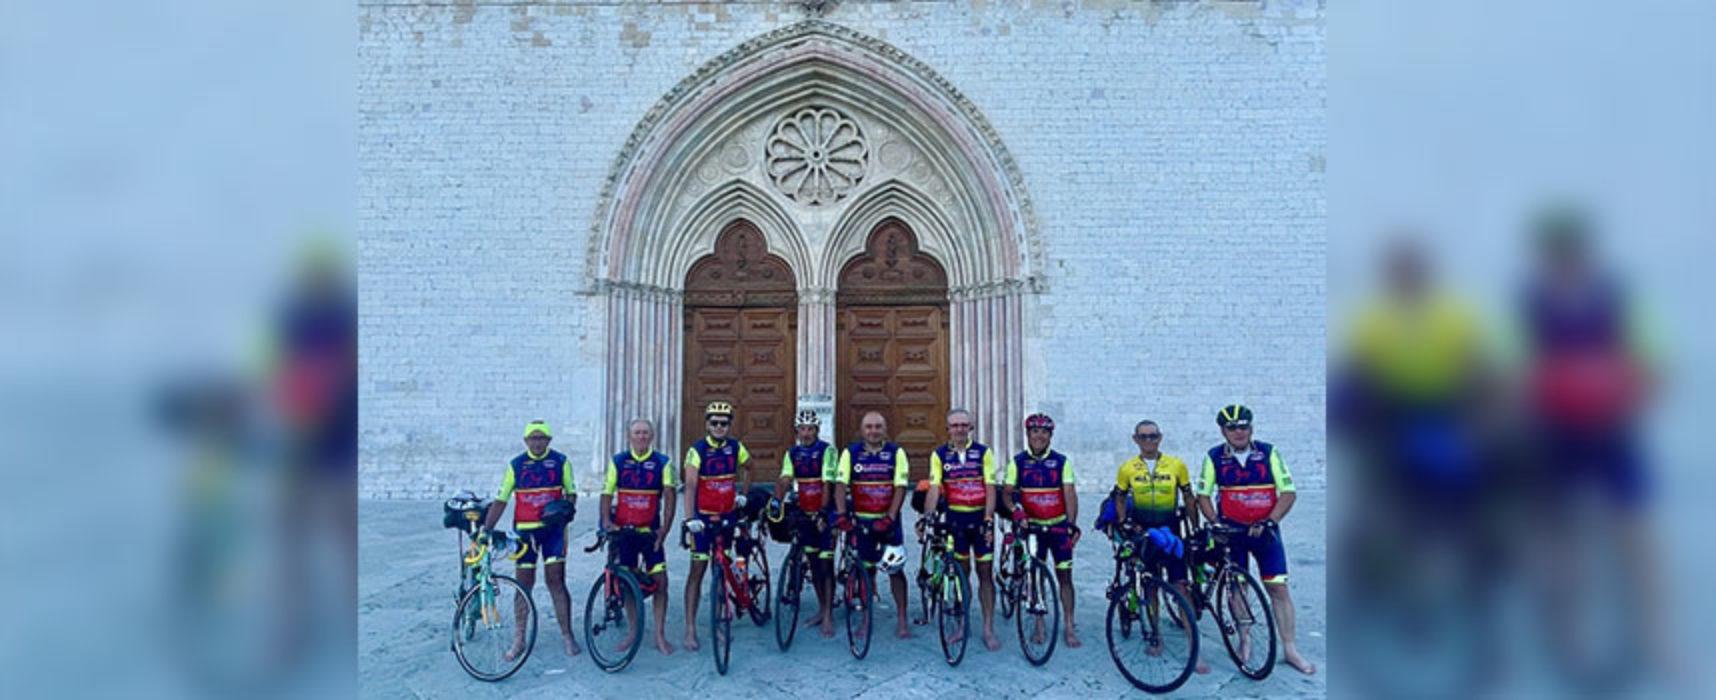 """Avis Mtb """"Carlo Gangai"""", da Bisceglie ad Assisi pedalando in bici"""